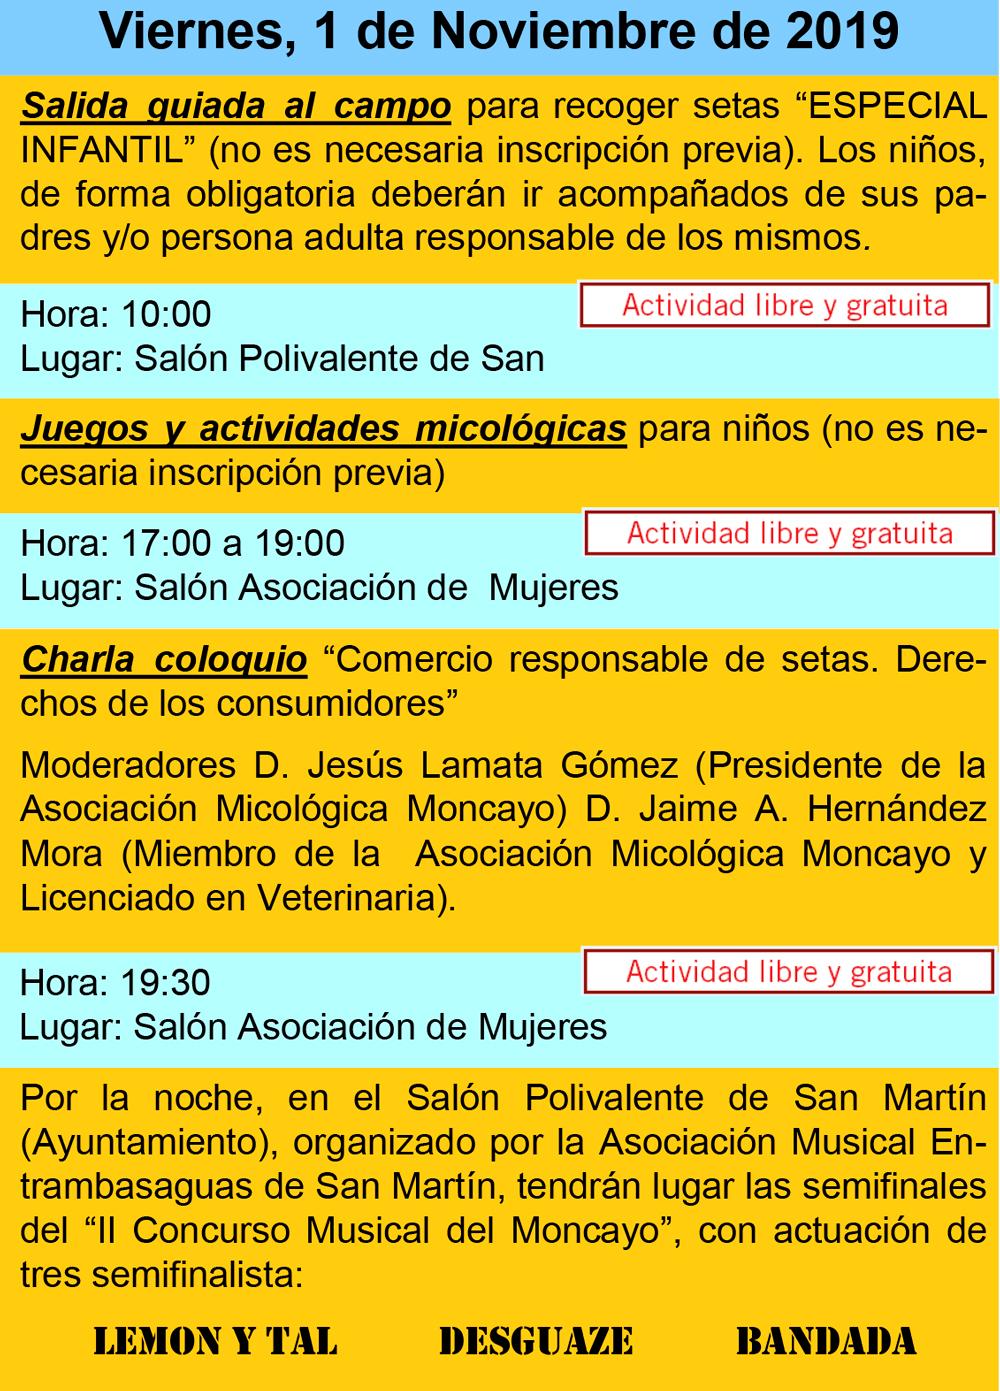 Actividades día 1 de noviembre XVI Jornadas Micológicas Otoño 2019 #MicoMoncayo